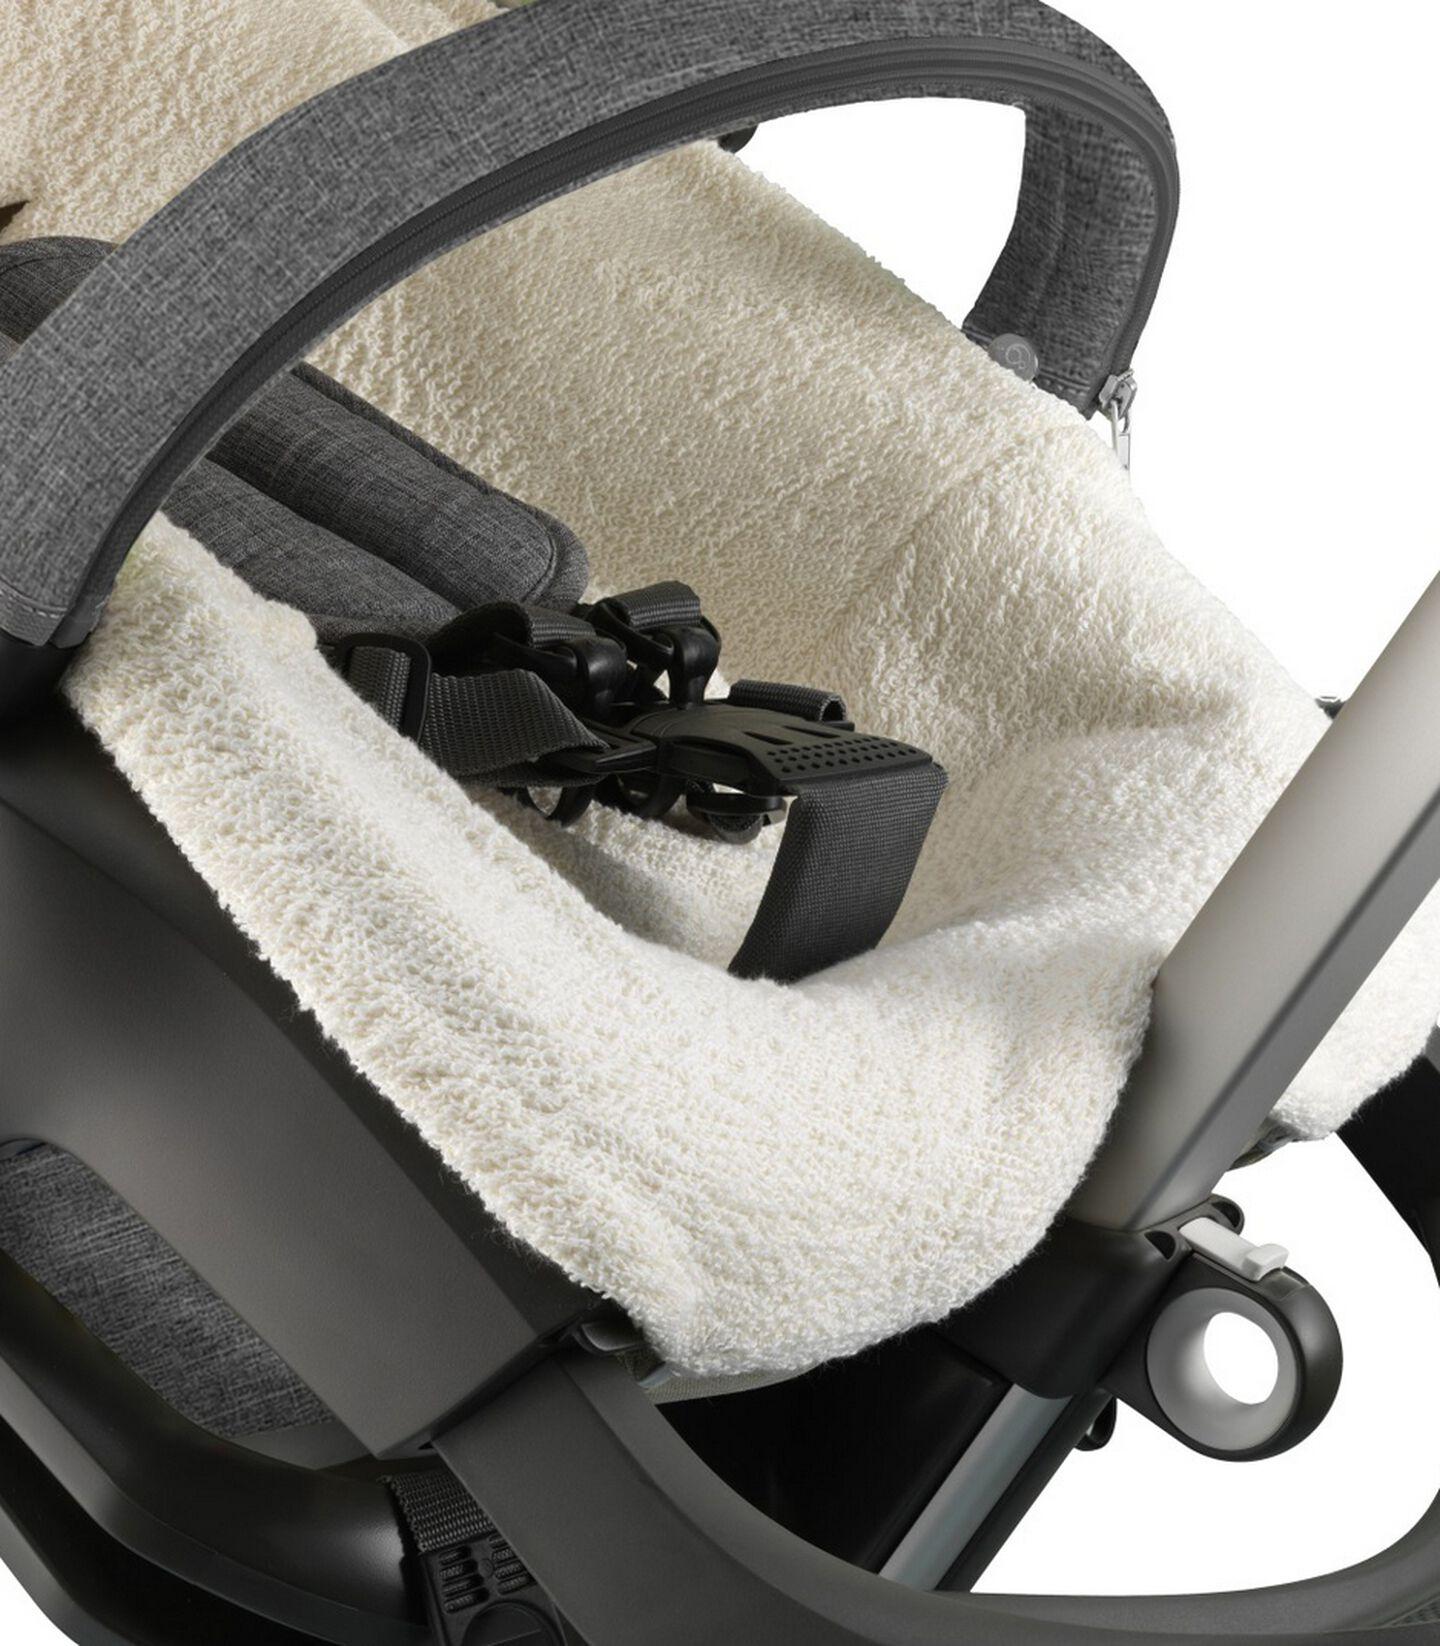 Stokke® kinderwagen badstoffen hoes voor zitje, , mainview view 2